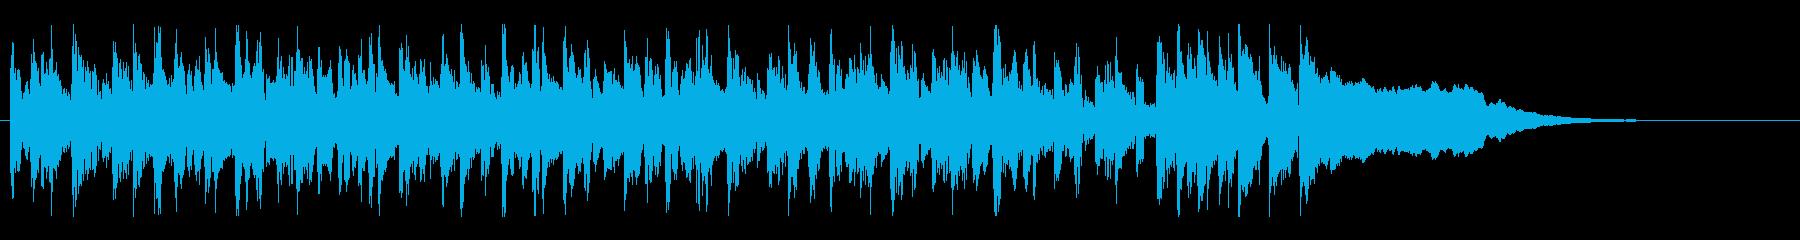 ネットラジオのオープニング曲の再生済みの波形